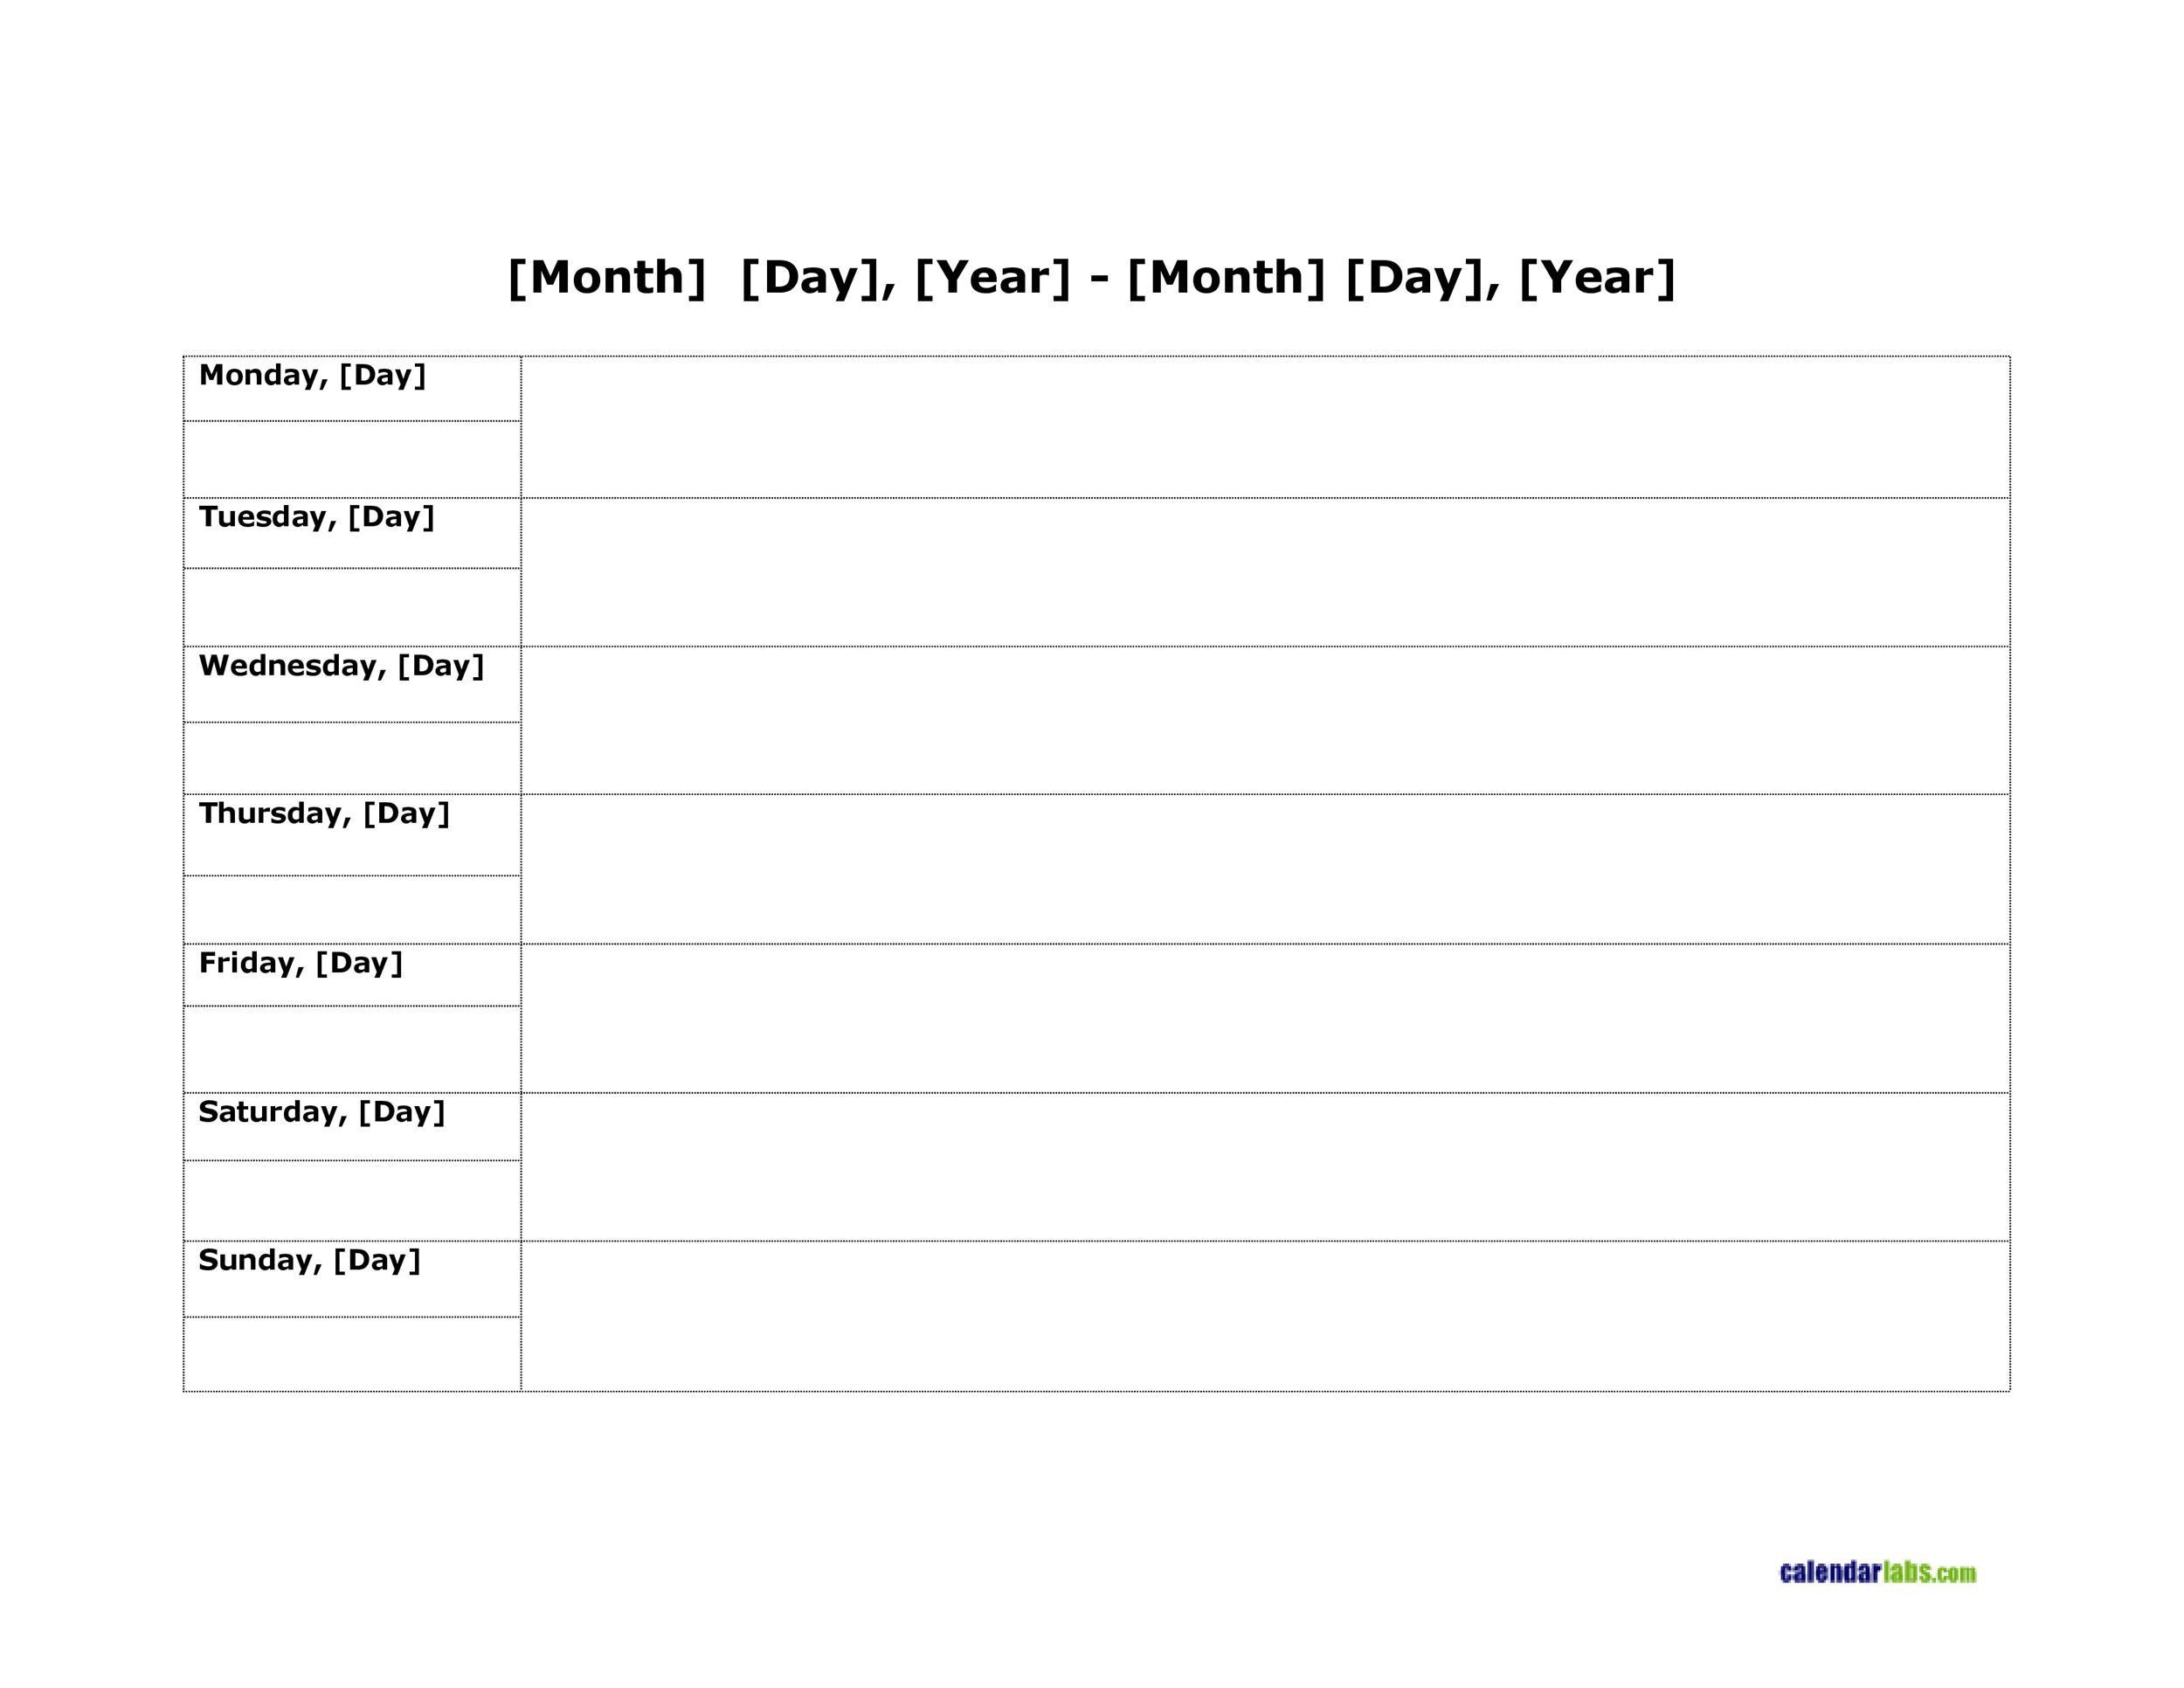 Free weekly calendar template 08